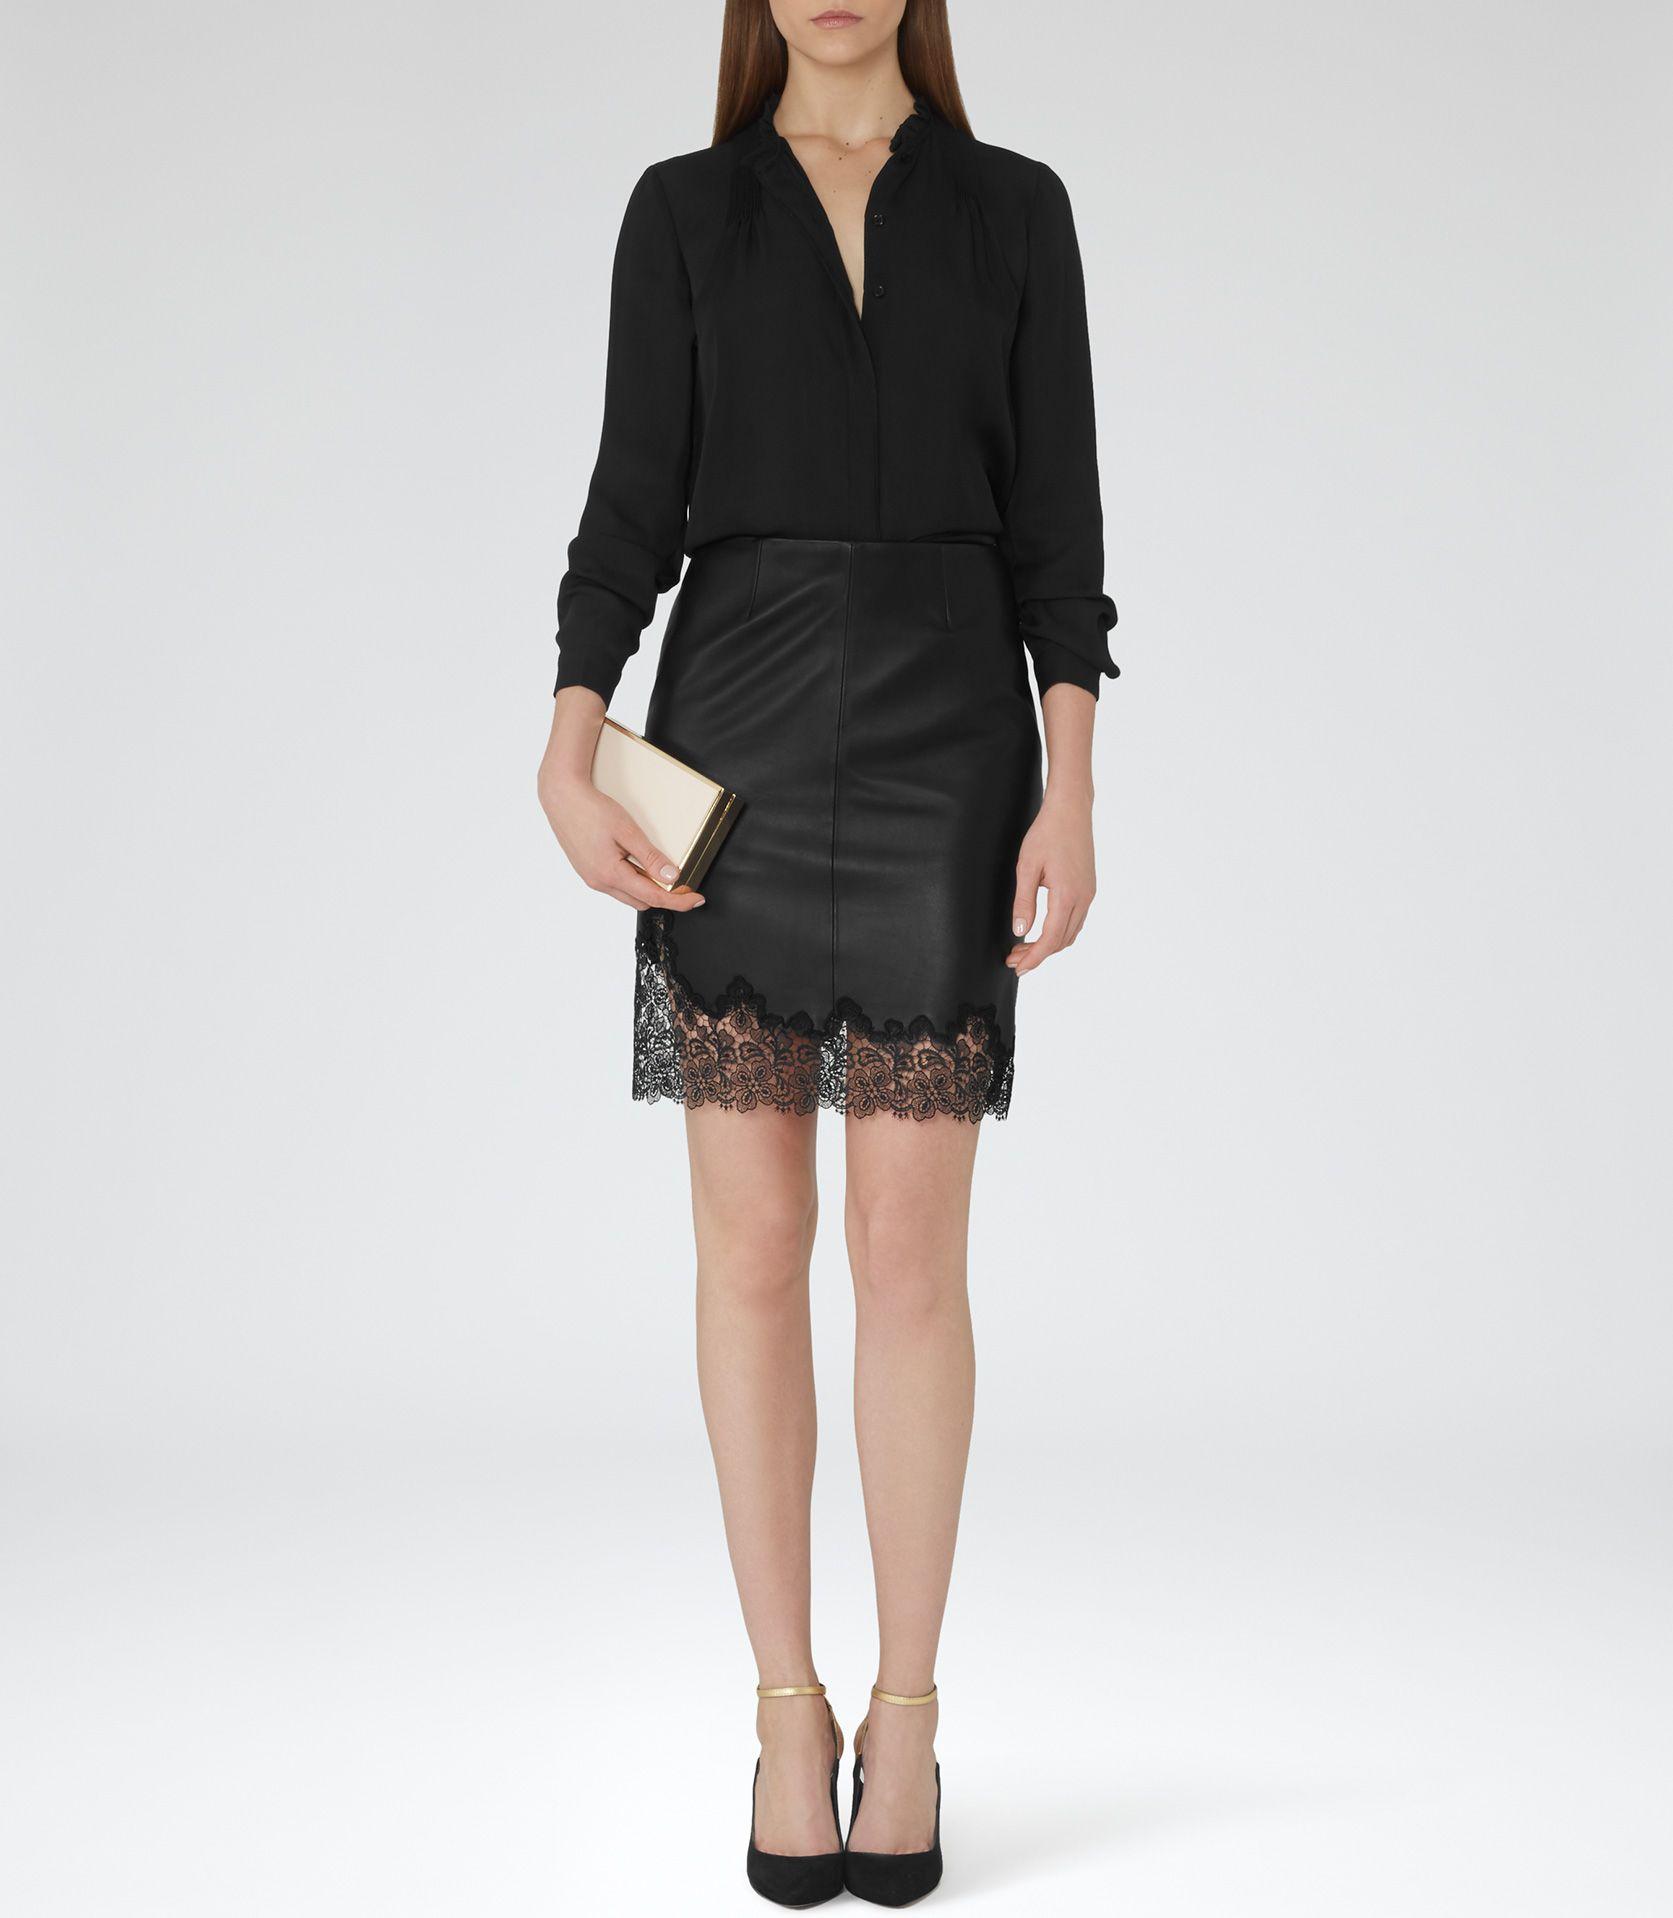 965a3763d7587 Womens Black Sheer Silk Blouse - Reiss Nadja £135